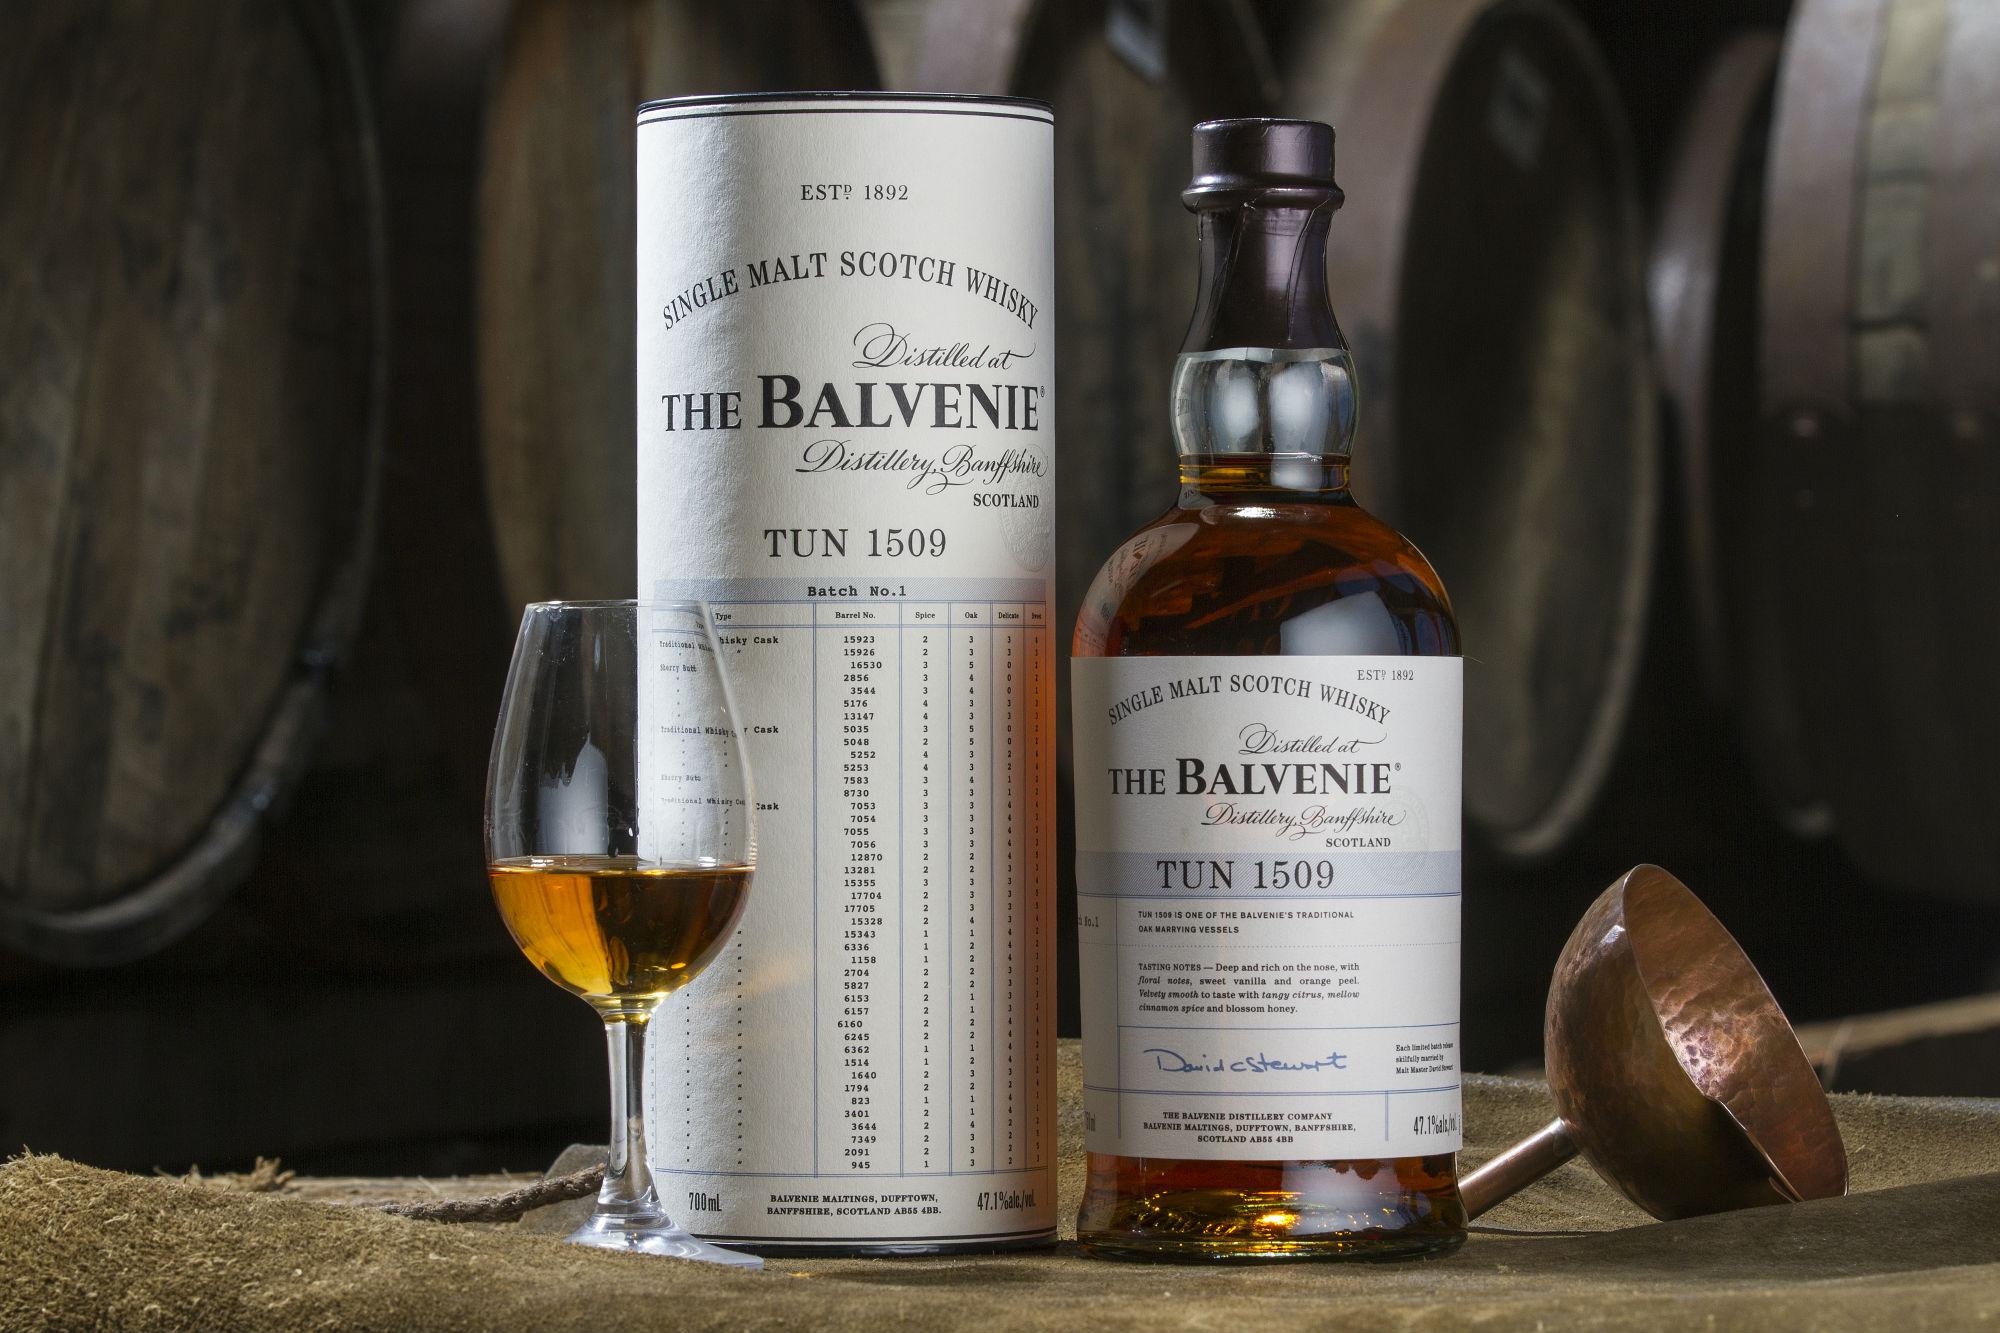 The Balvenie kündigt vierte Abfüllung in der renommierten Sammlerreihe tun 1509 an